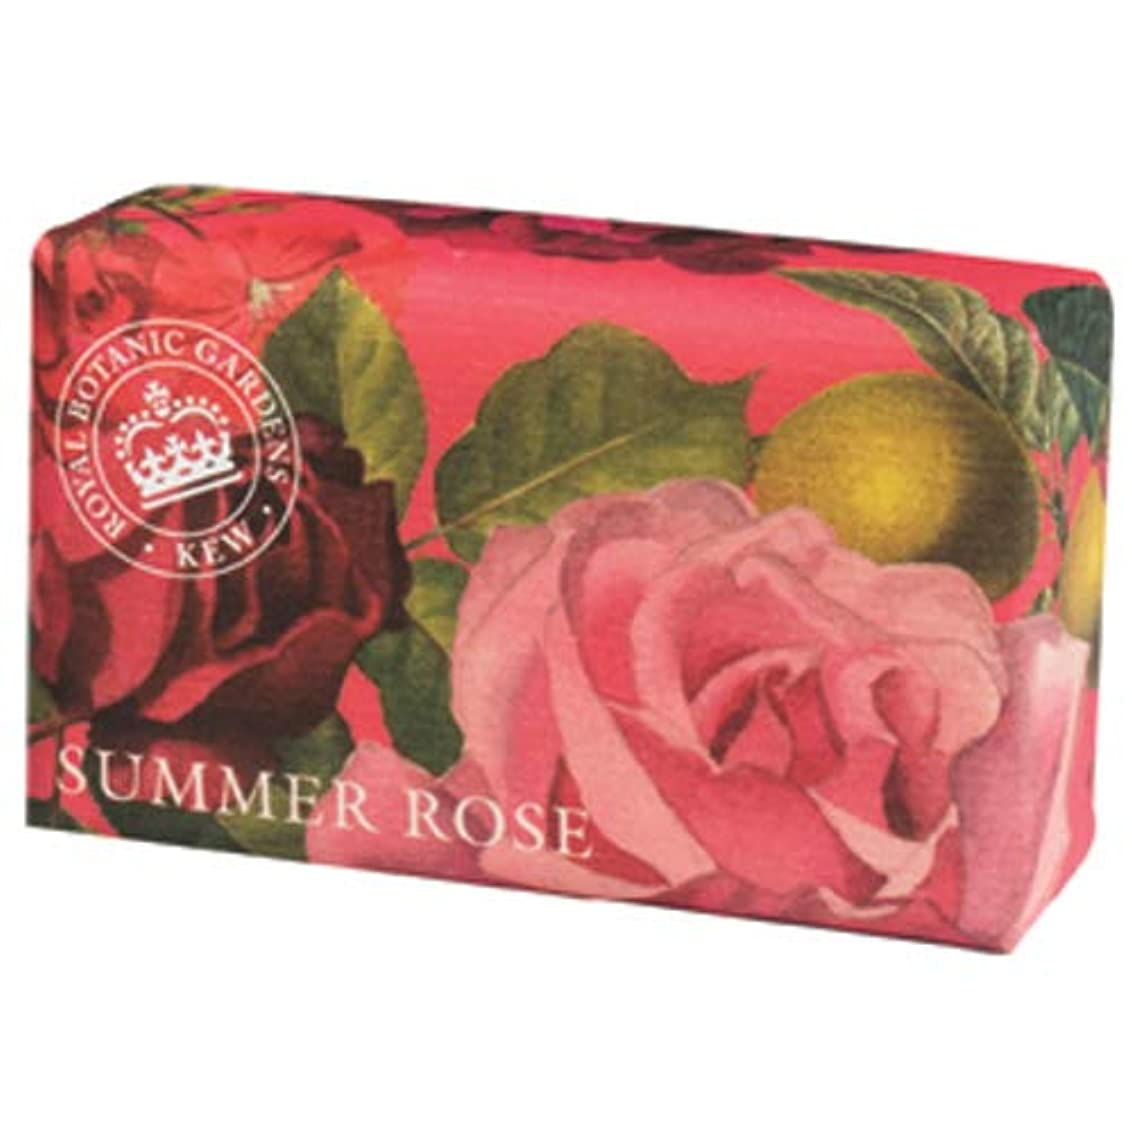 申請者専ら徐々にEnglish Soap Company イングリッシュソープカンパニー KEW GARDEN キュー?ガーデン Luxury Shea Soaps シアソープ Summer Rose サマーローズ